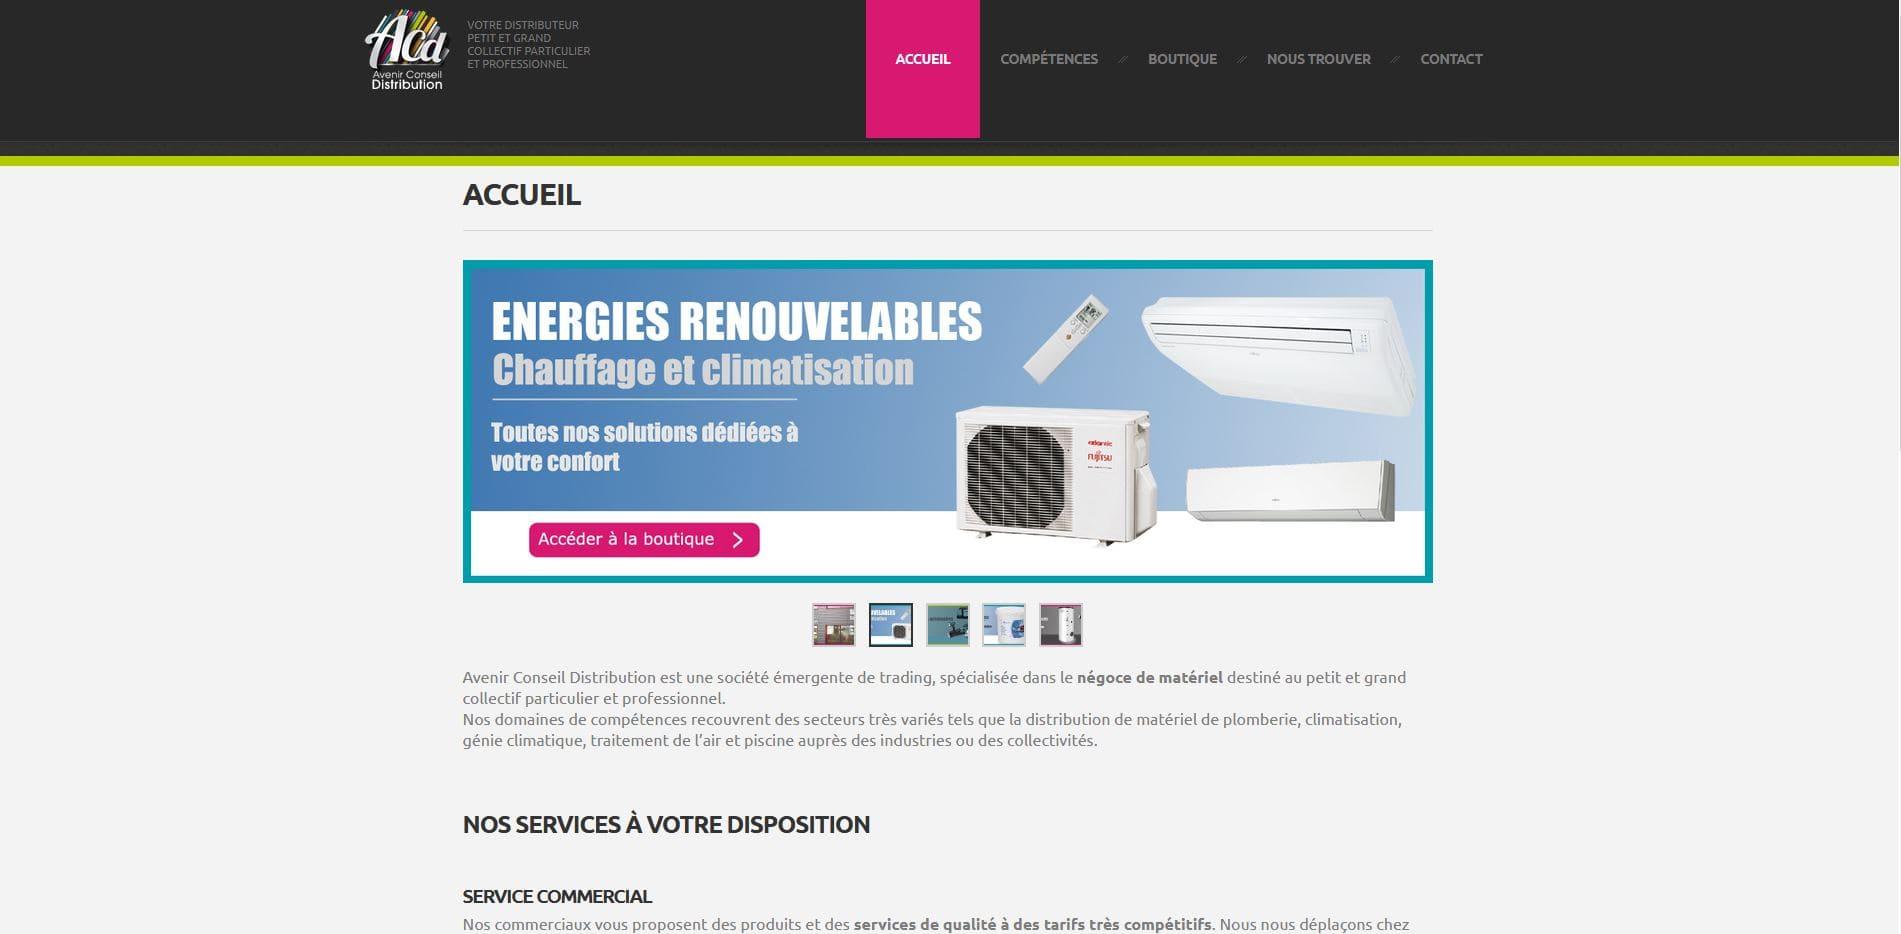 création site internet  Avenir conseil distribution 66